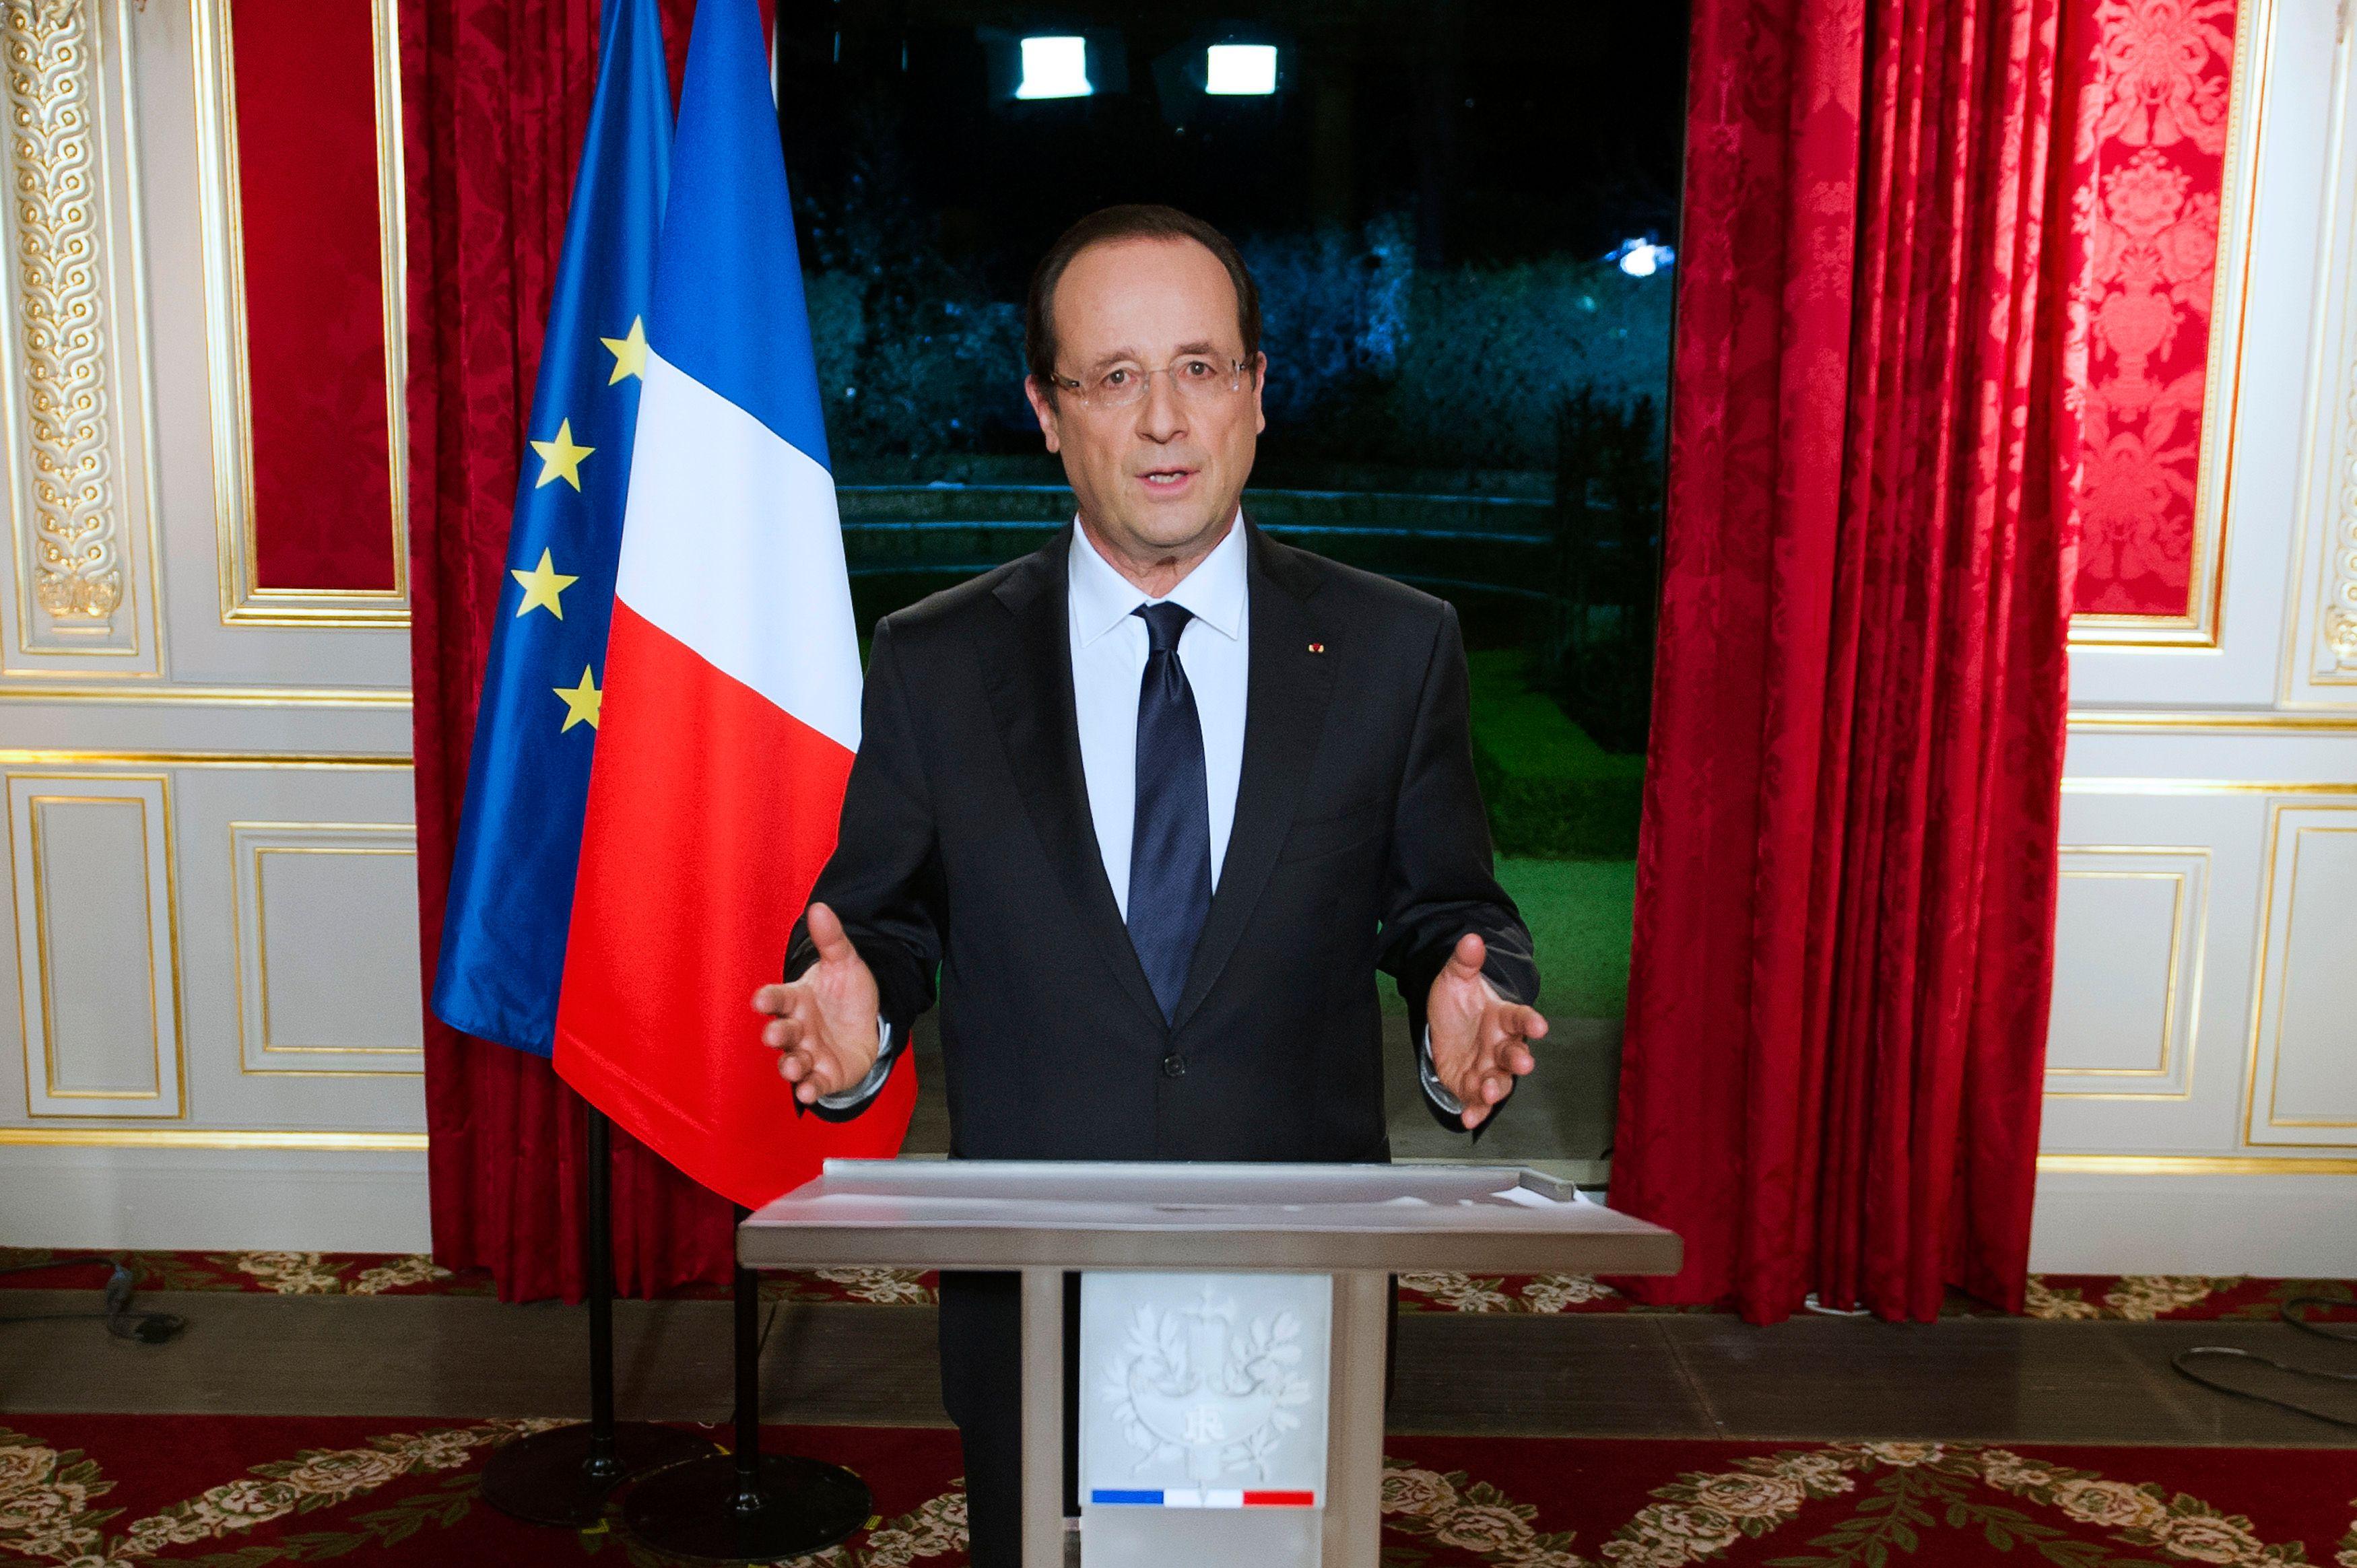 Les vœux de François Hollande : un zeste de mea culpa, deux ou trois engagements, et toujours tout pour l'emploi !